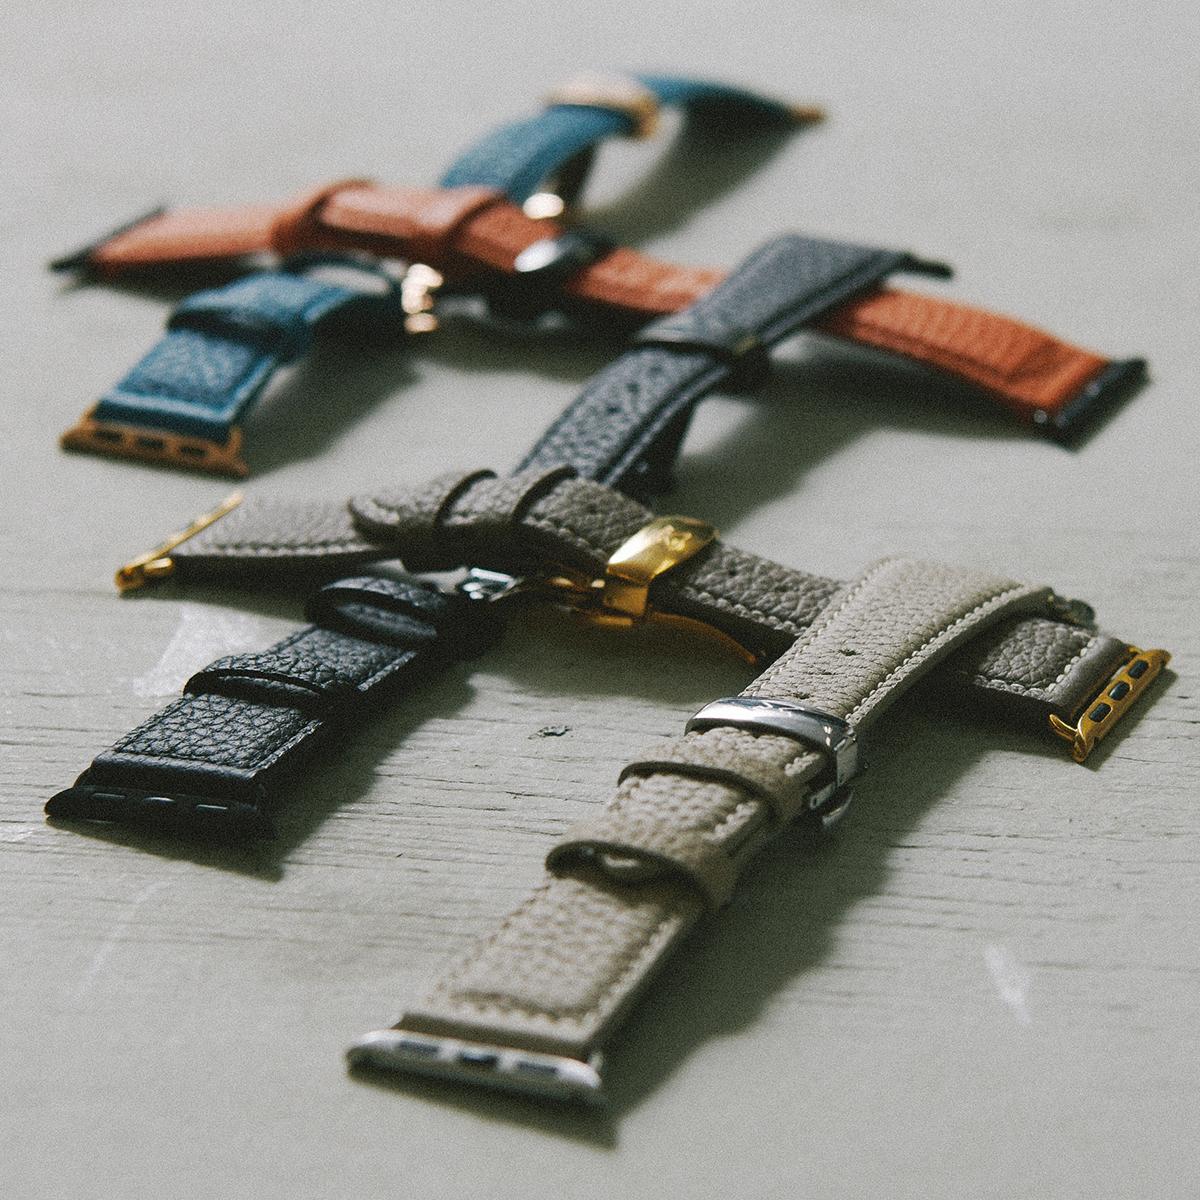 徹底的な品質管理のもと、60以上の手間のかかる工程を経て丁寧に製造されている。アクティブな腕元を洗練する、ワンタッチ着脱の「Apple Watchバンド」|EPONAS(エポナス)